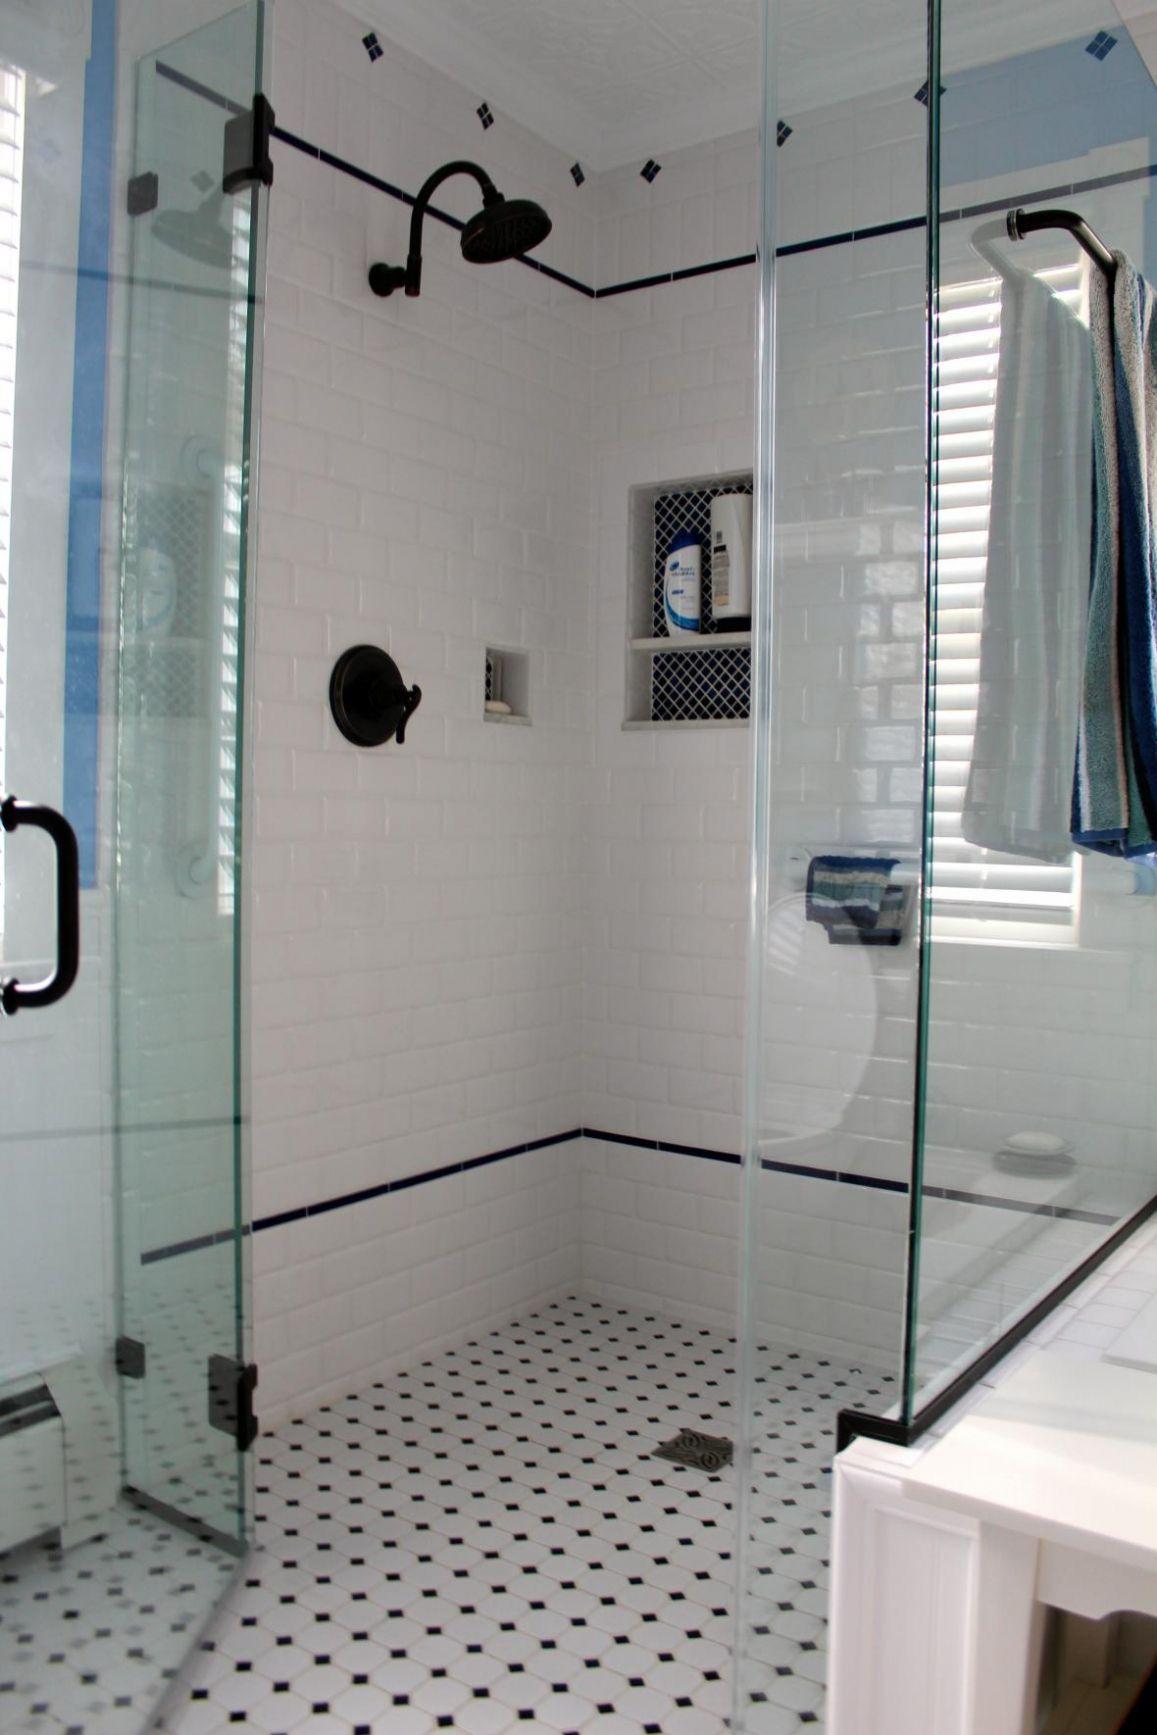 u bahn fliesen fußboden im bad - mehr auf unserer website - wenn es